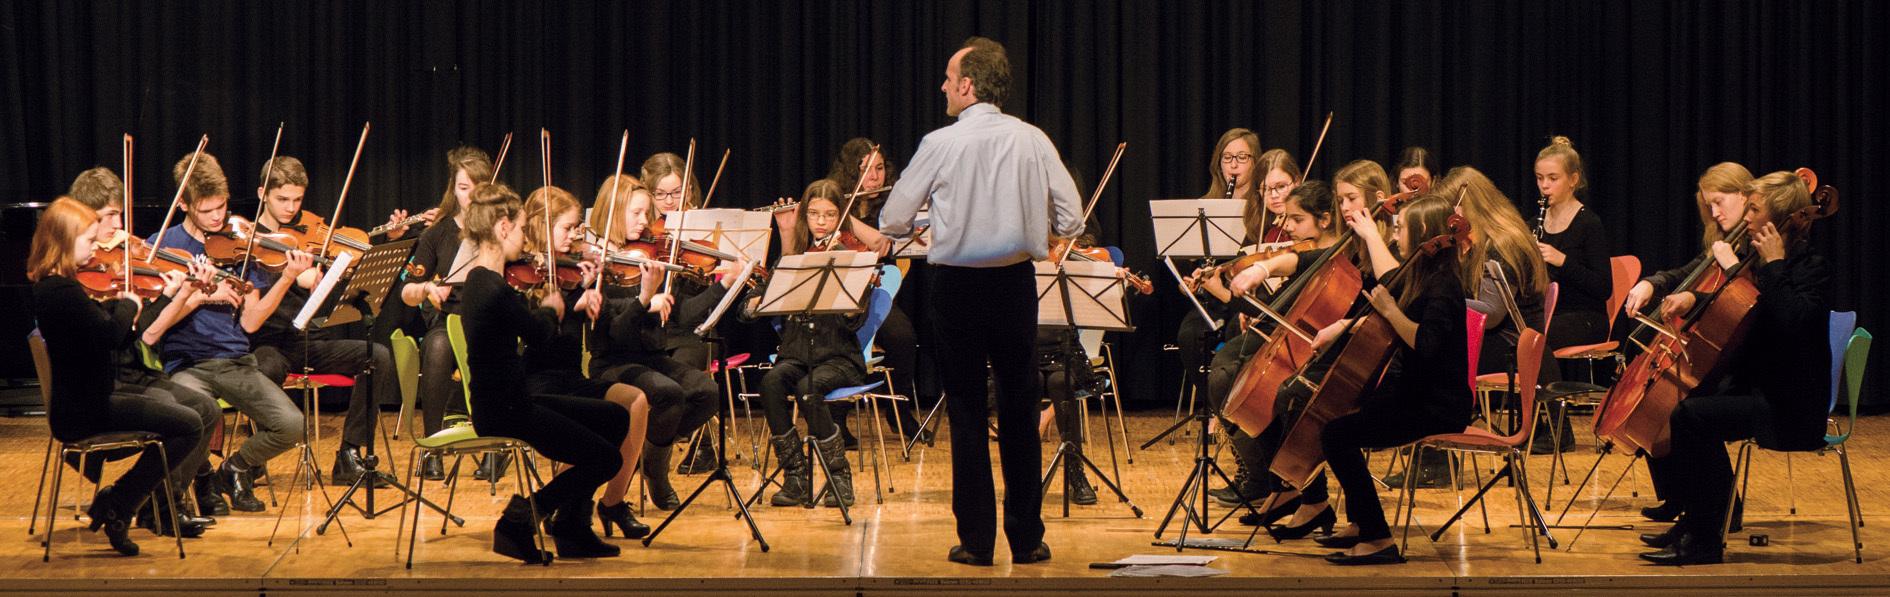 Sinfonieorchester2015